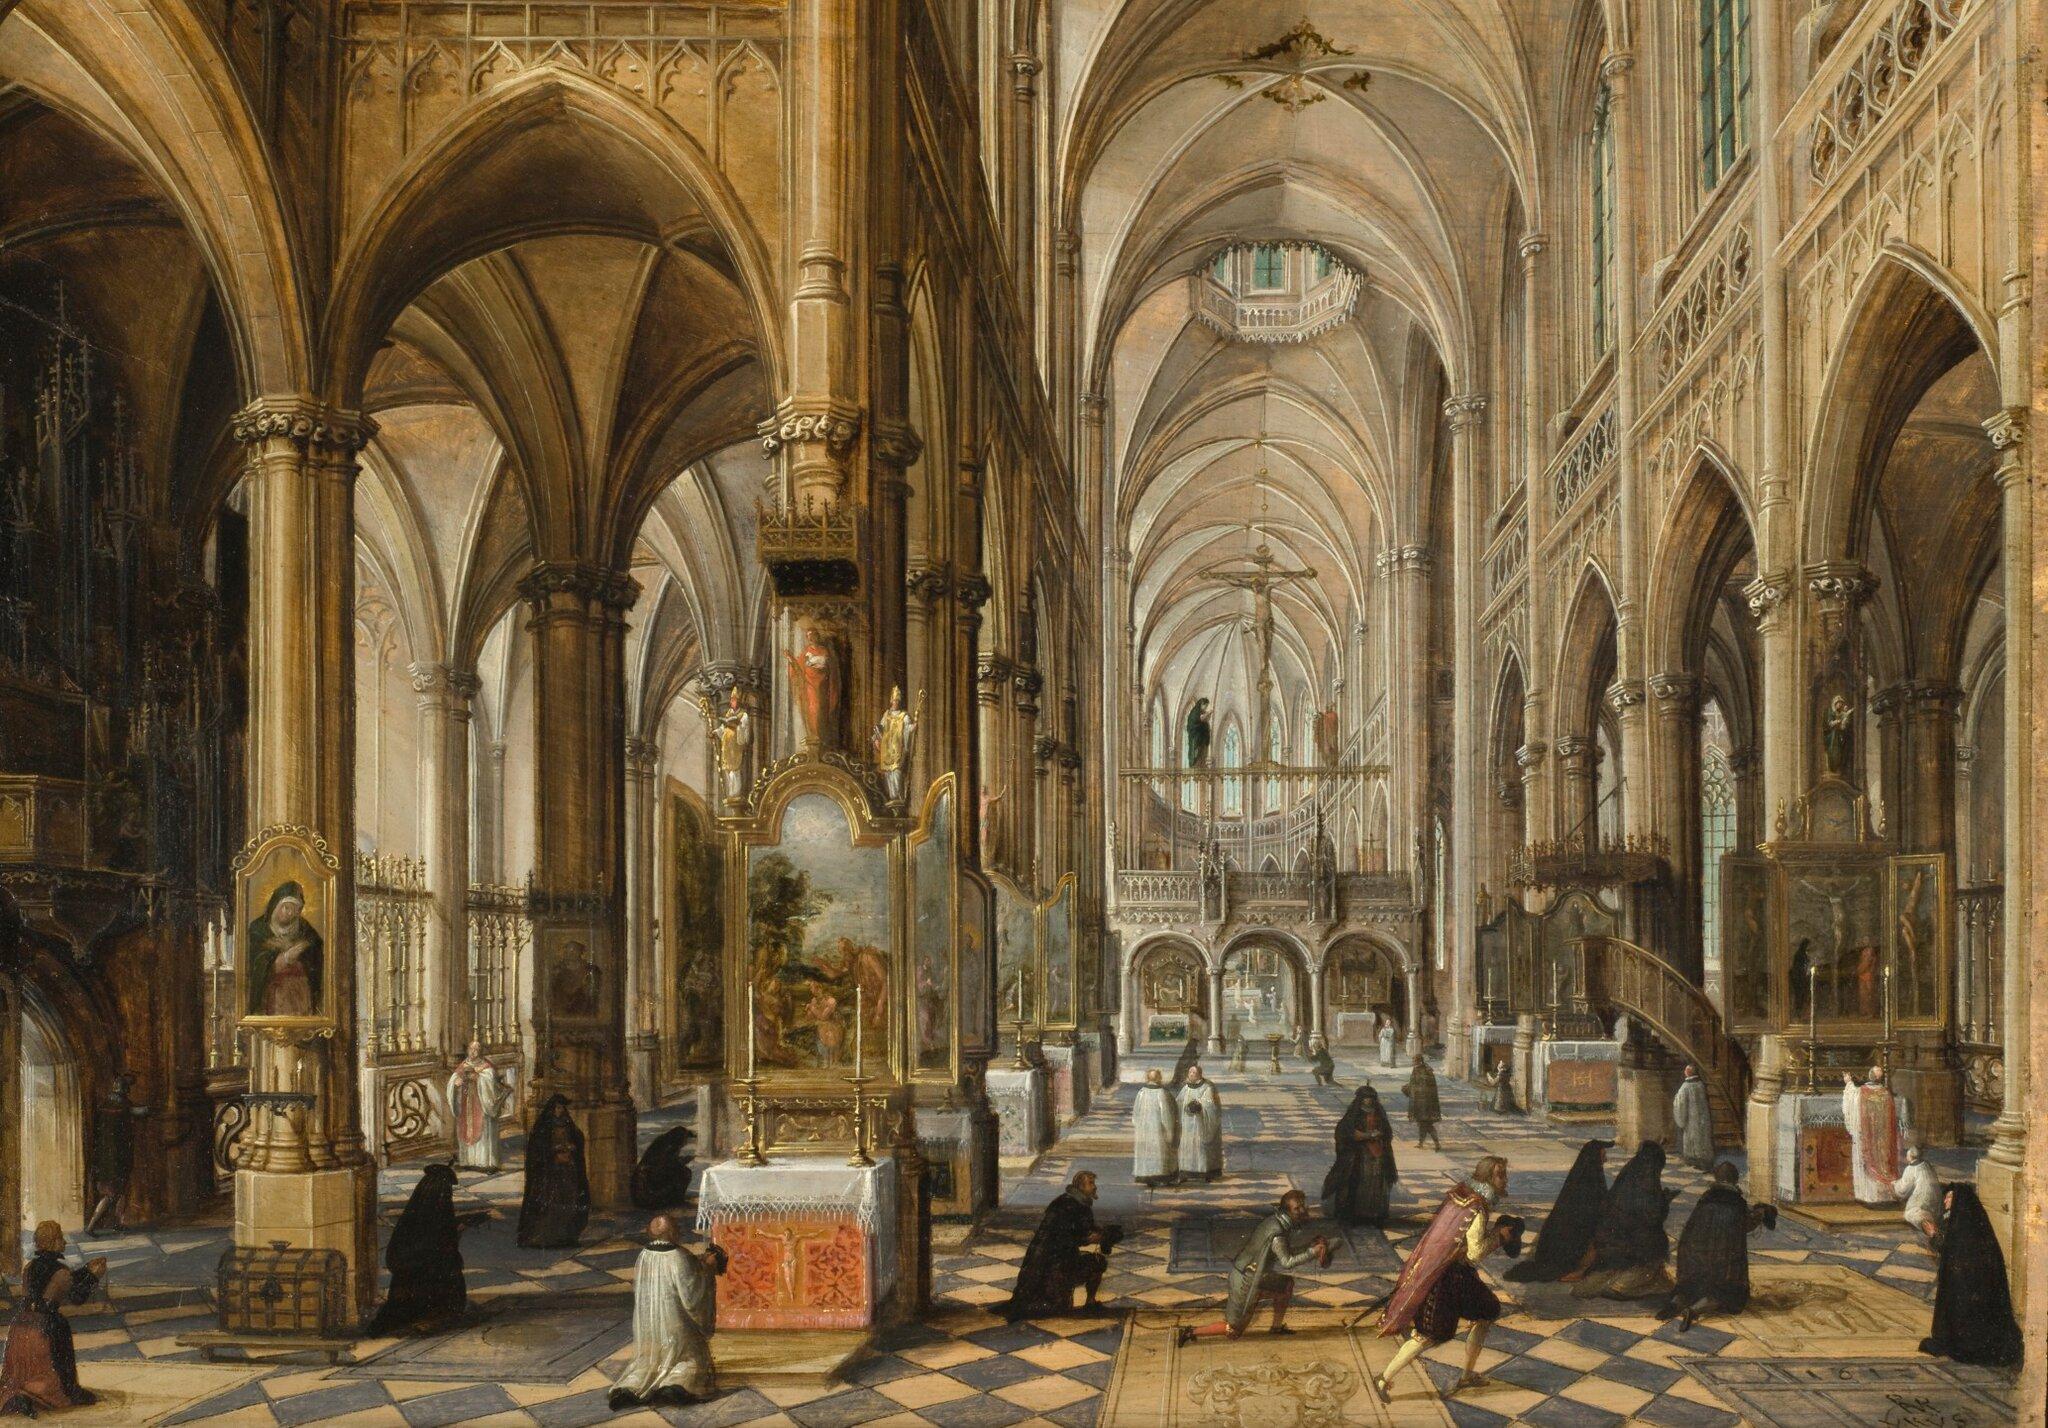 Wnętrze gotyckiej katedry Źródło: Paul Vredeman de Vries, Wnętrze gotyckiej katedry, 1612, olej na drewnie, Los Angeles County Museum of Art, domena publiczna.